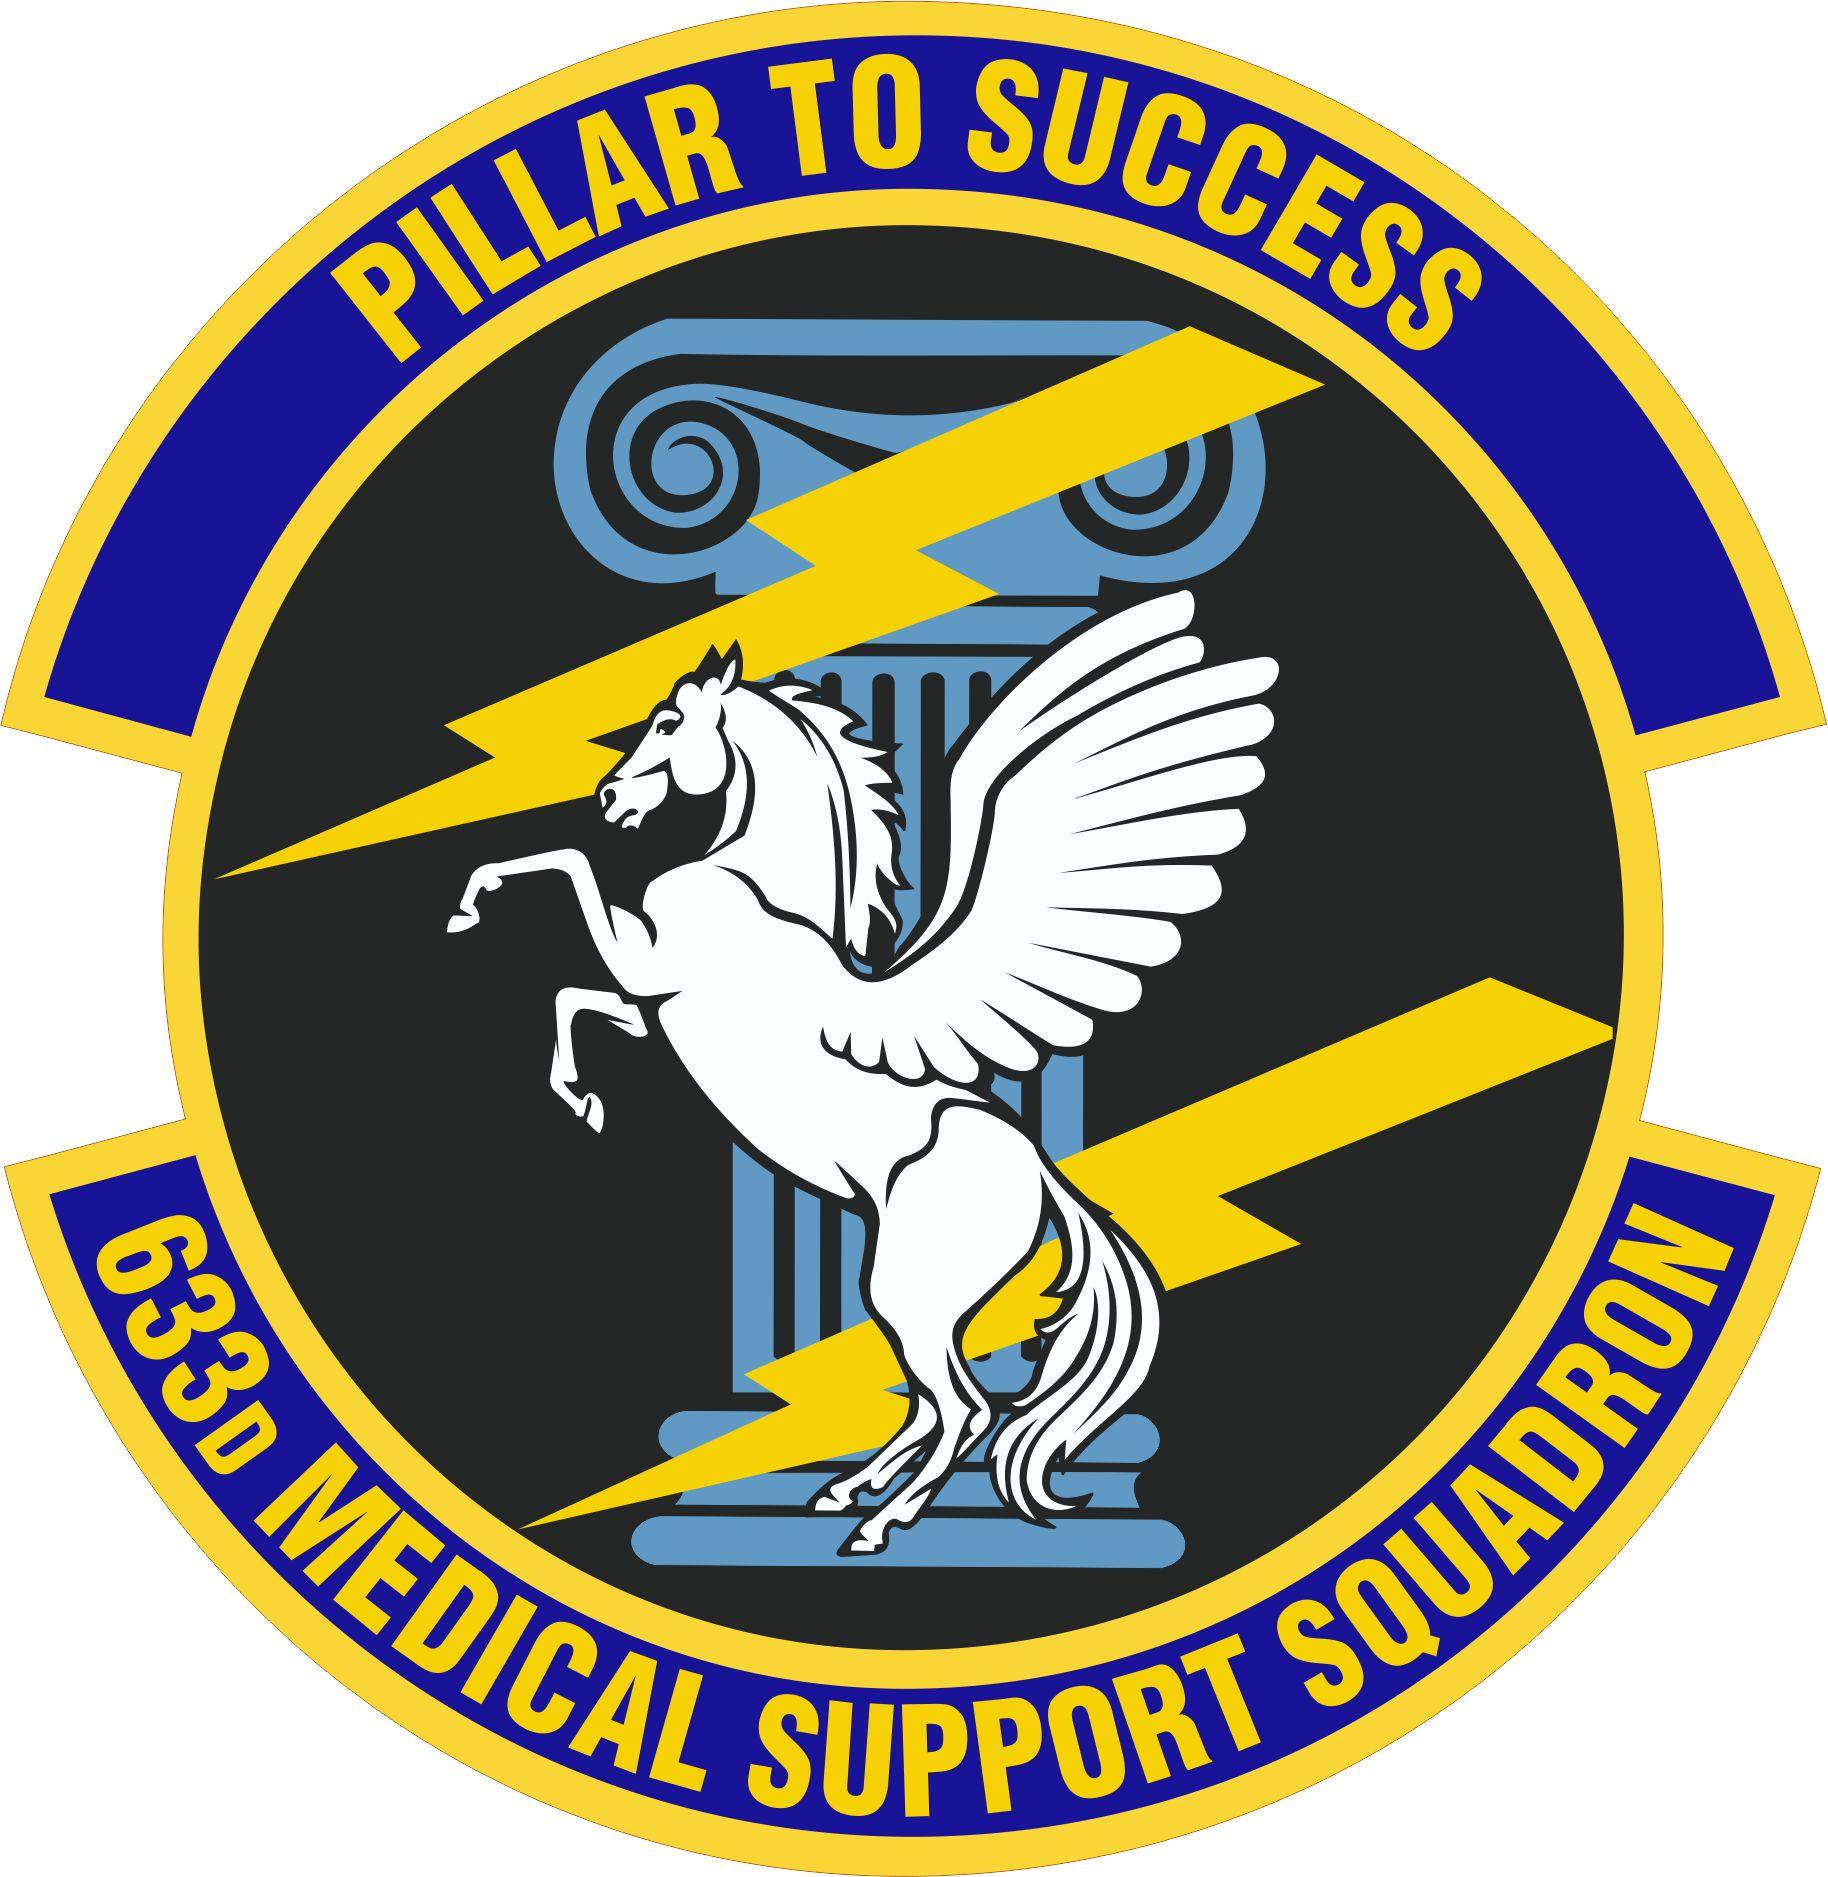 633 Medical Support Squadron Emblem